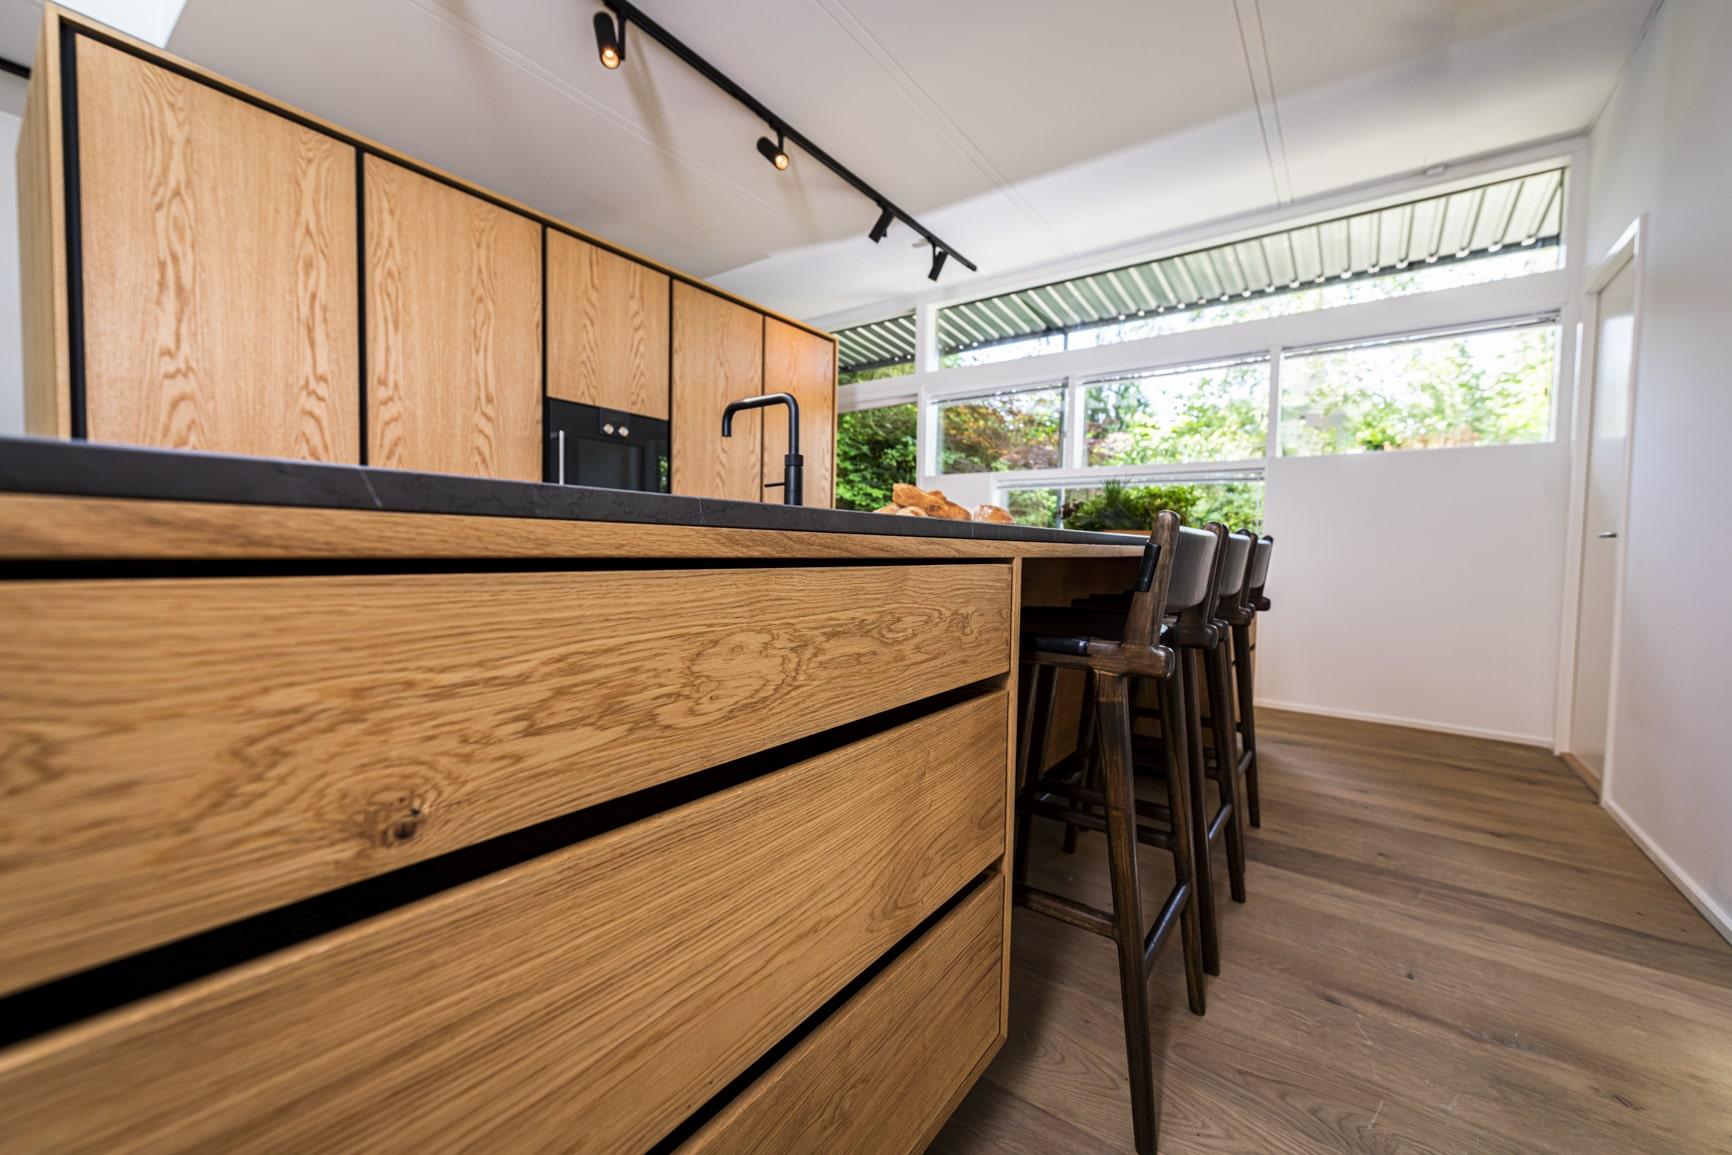 barplads køkken barstol